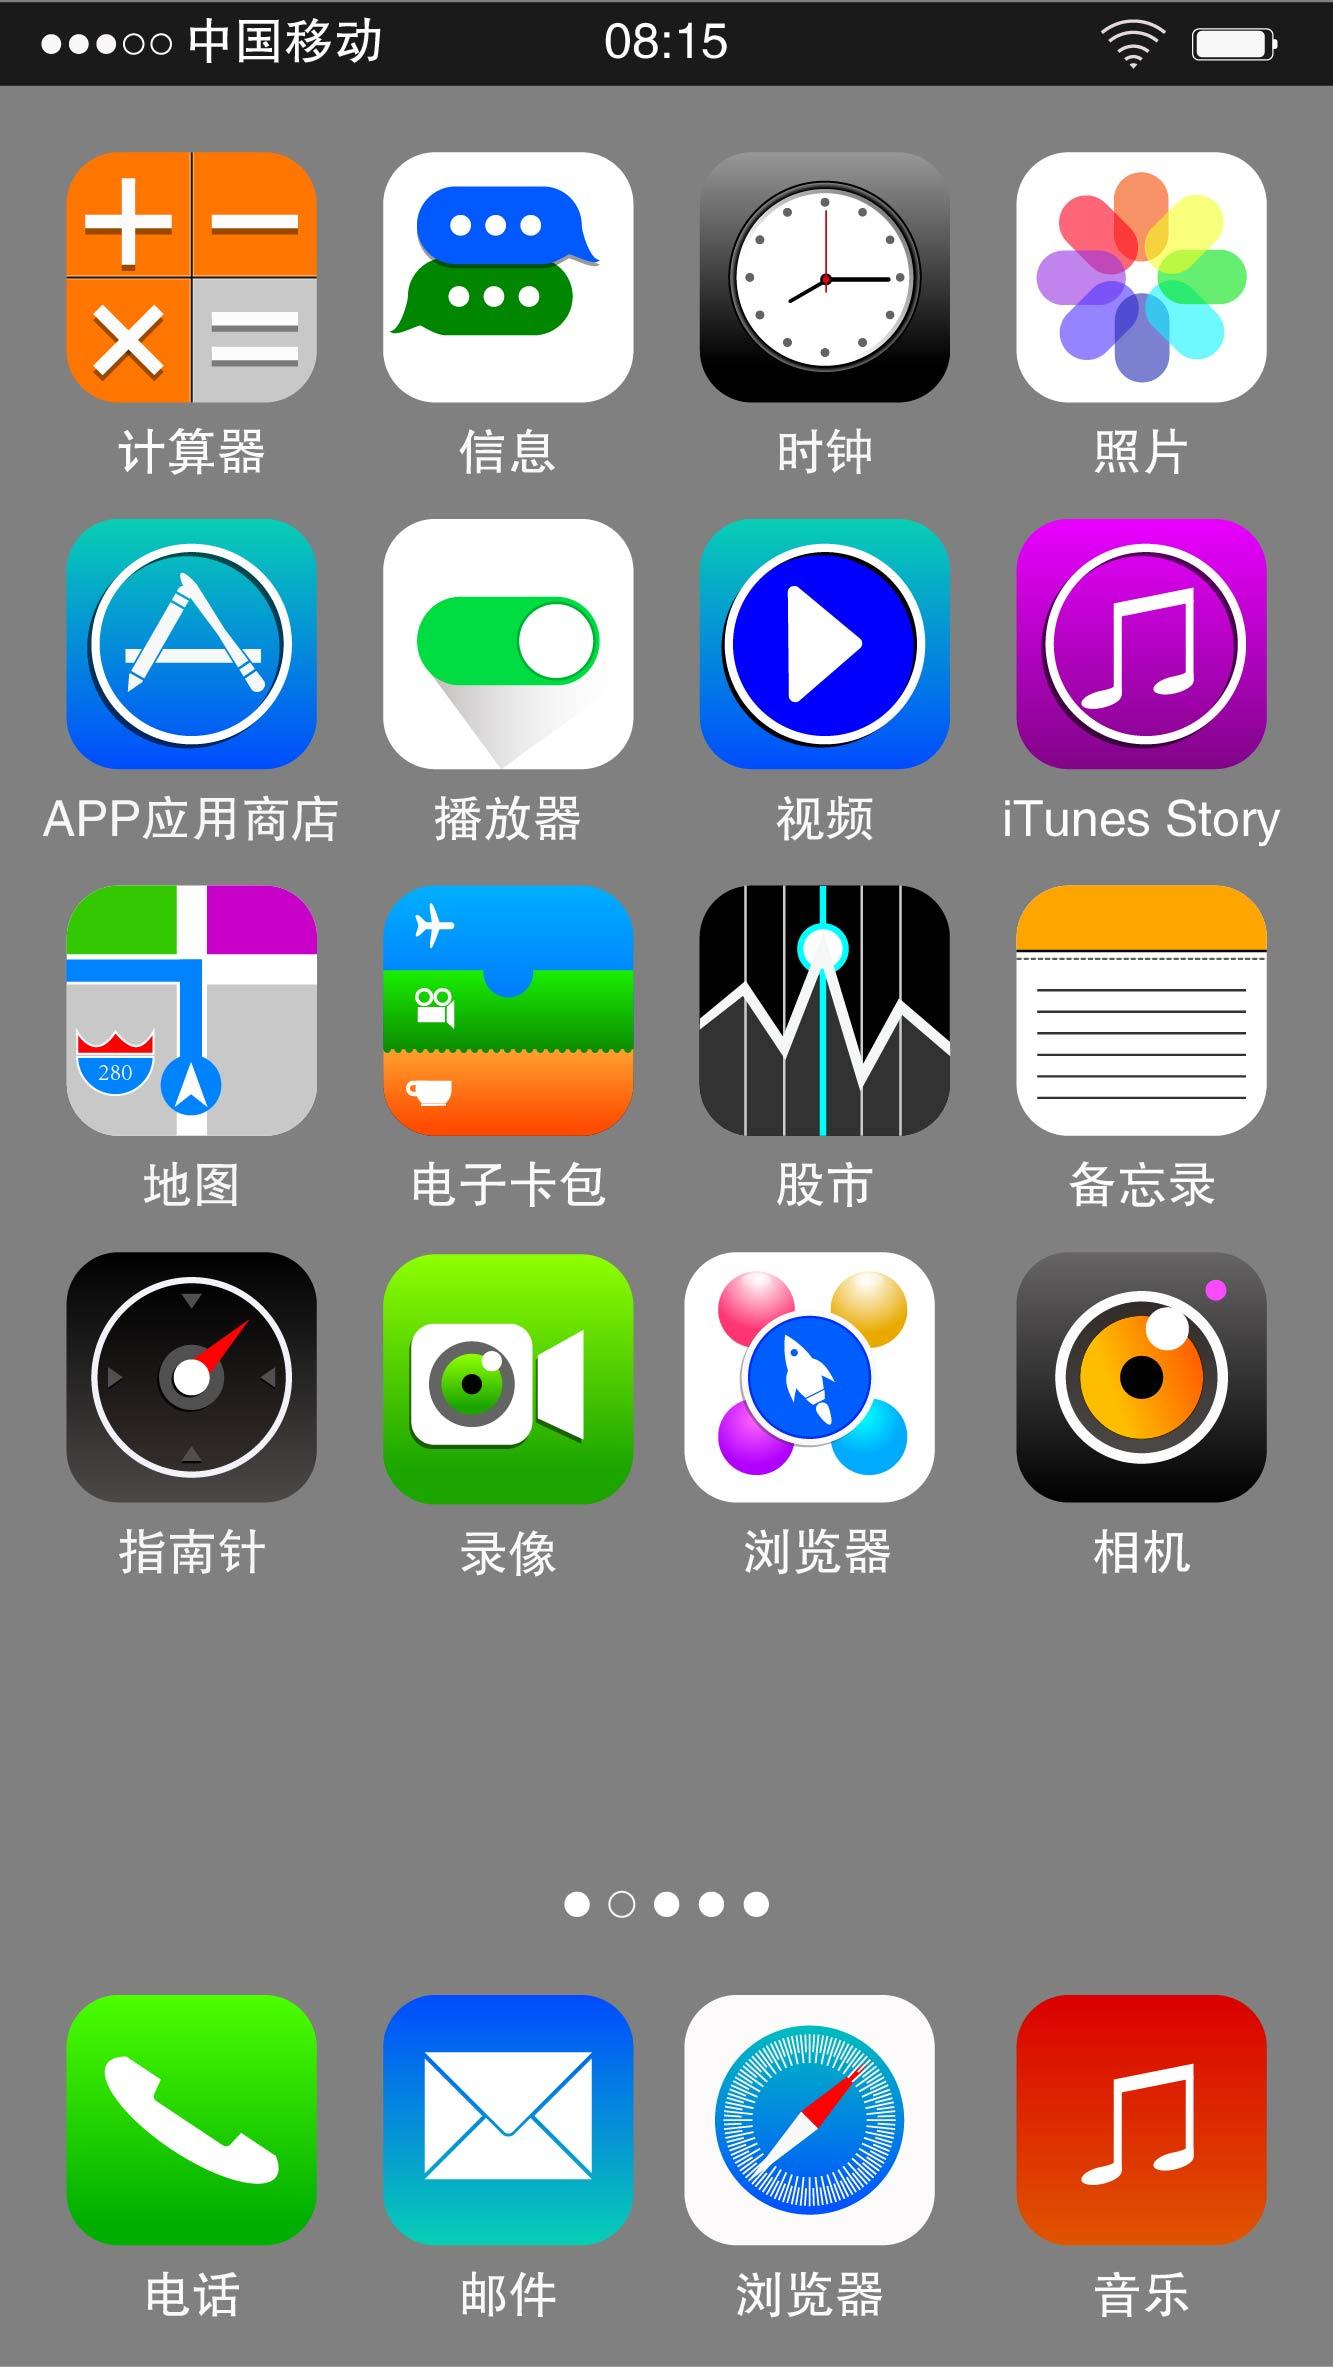 苹果手机界面图片